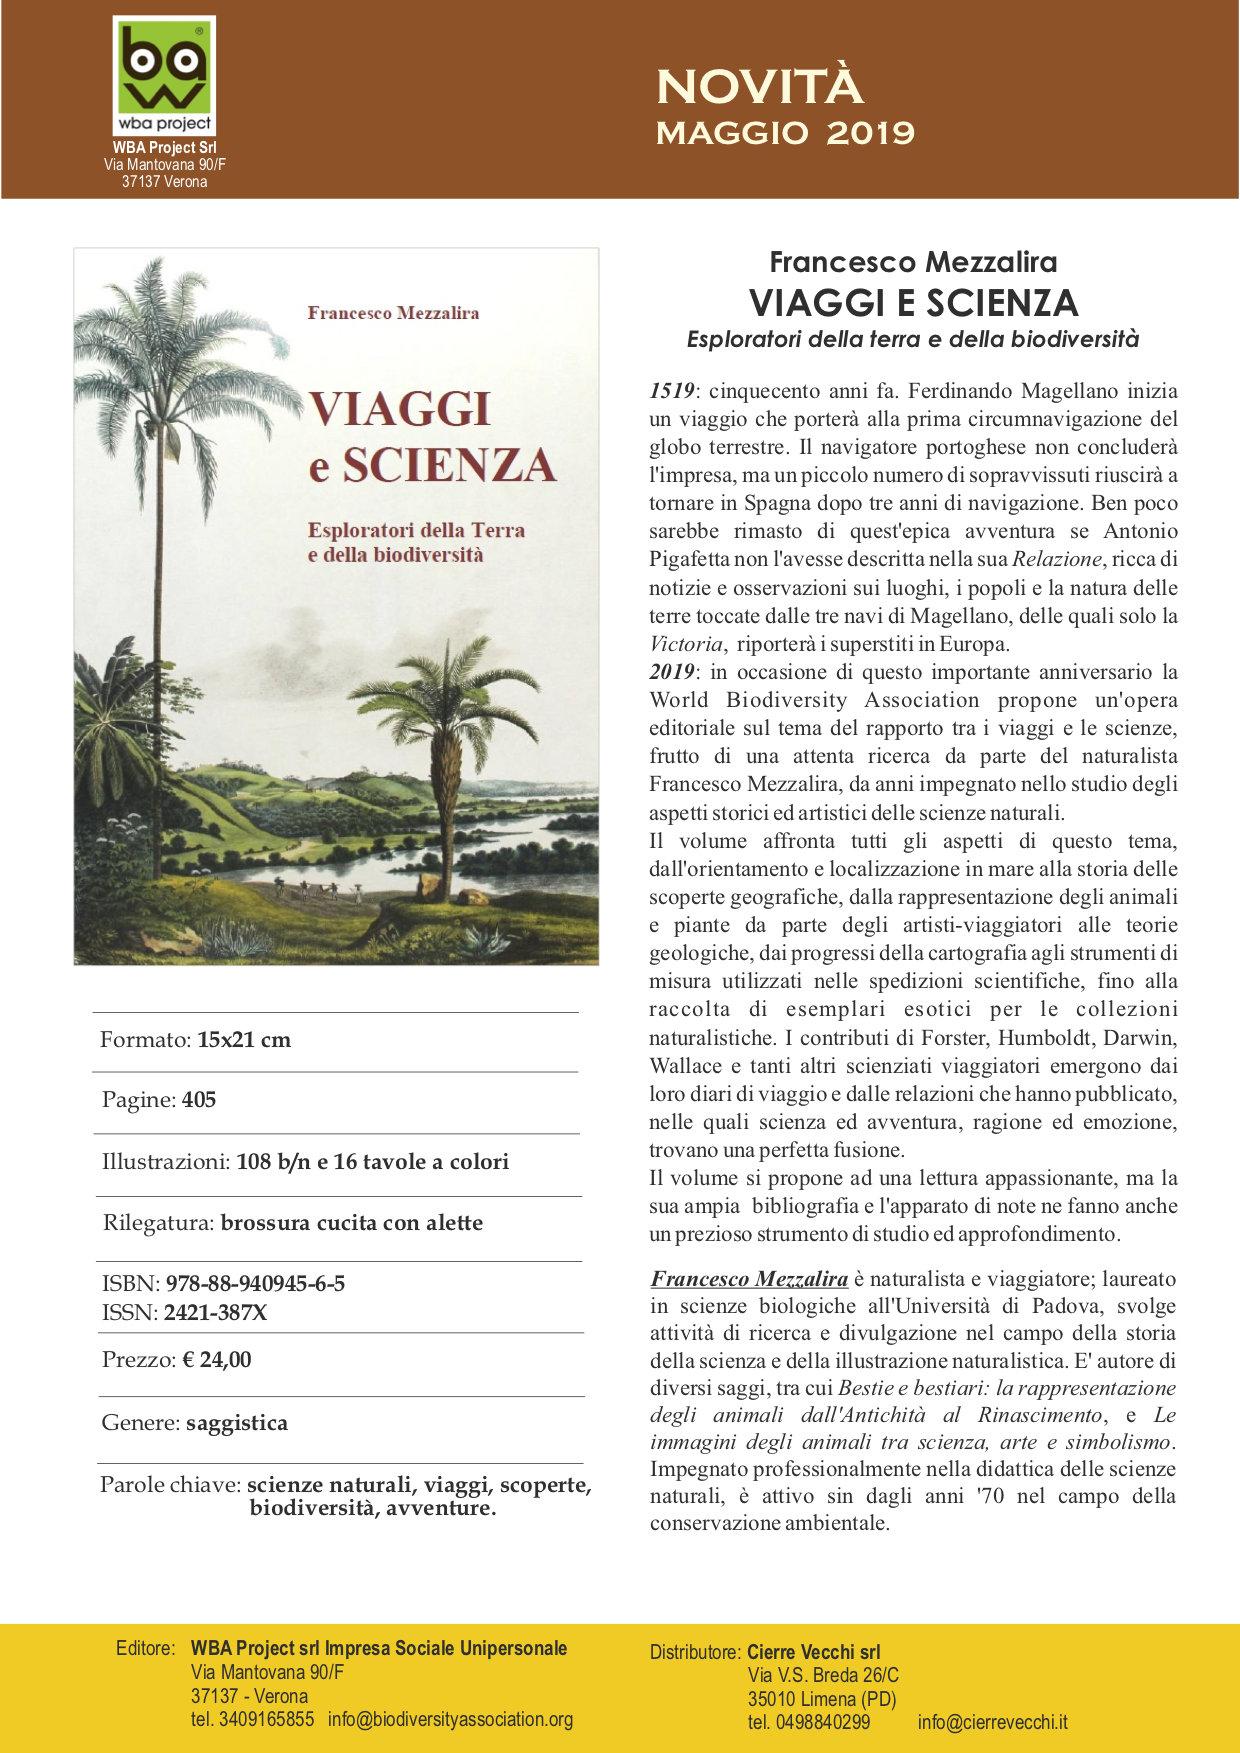 La Vigna 3 ottobre FrancescoMezzalira Viaggi e scienza SCHEDA